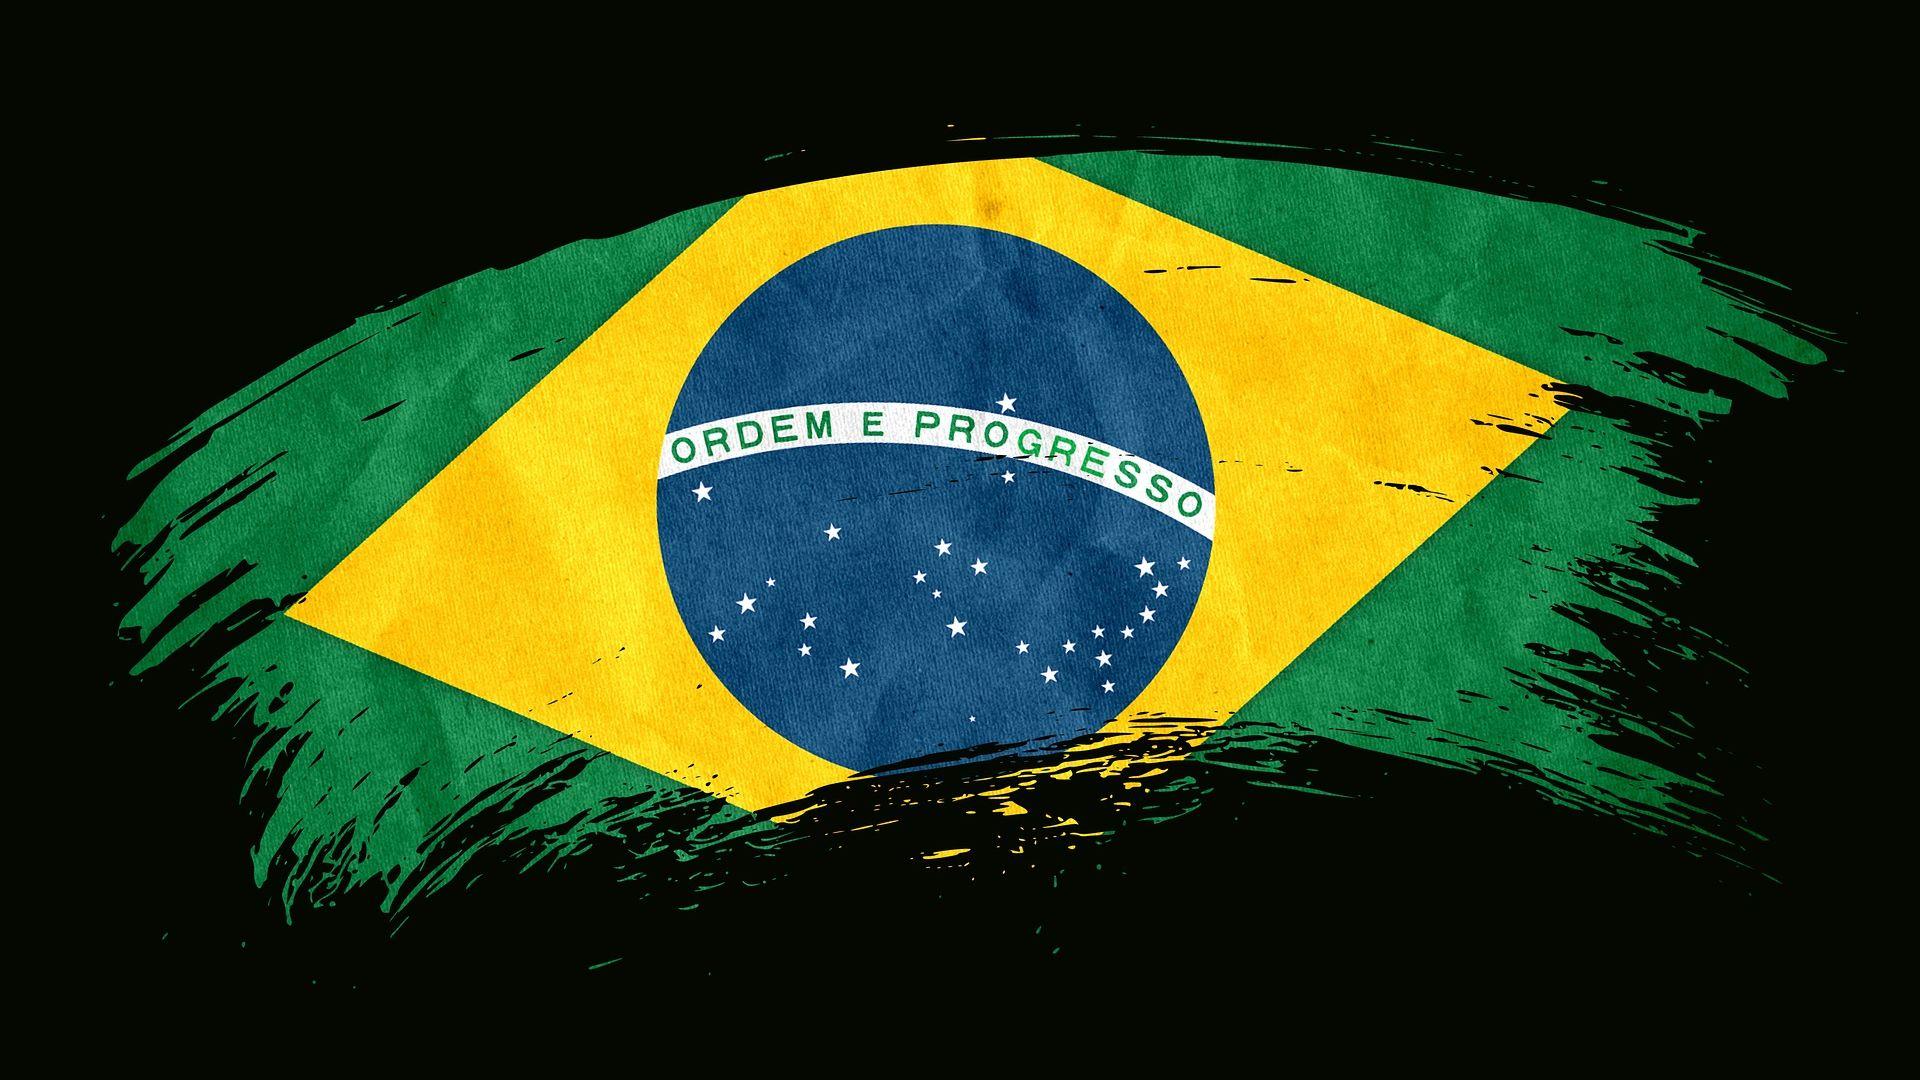 Bandeira do Brasil: hoje o que mais nos aflige é o desemprego em massa, o retorno da fome, a desindustrialização, a deterioração da infraestrutura nacional e o efeito Dunning-Kruger que consome o grosso da população